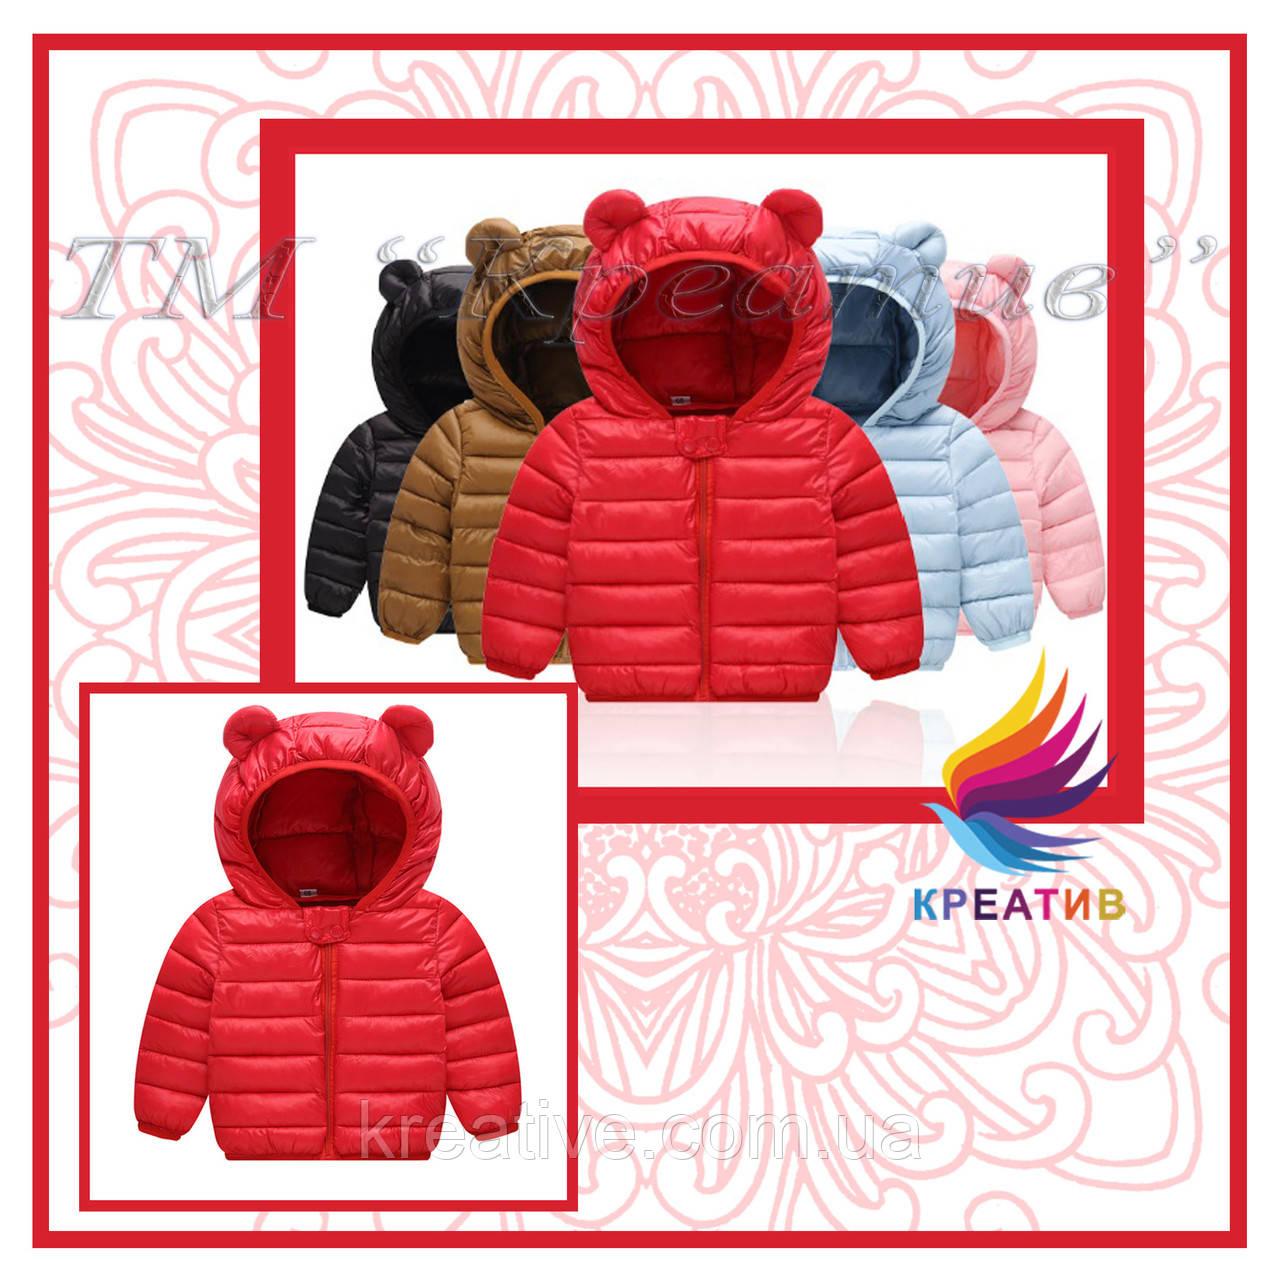 Детские куртки оптом с Вашим логотипом под заказ (от 50 шт.)